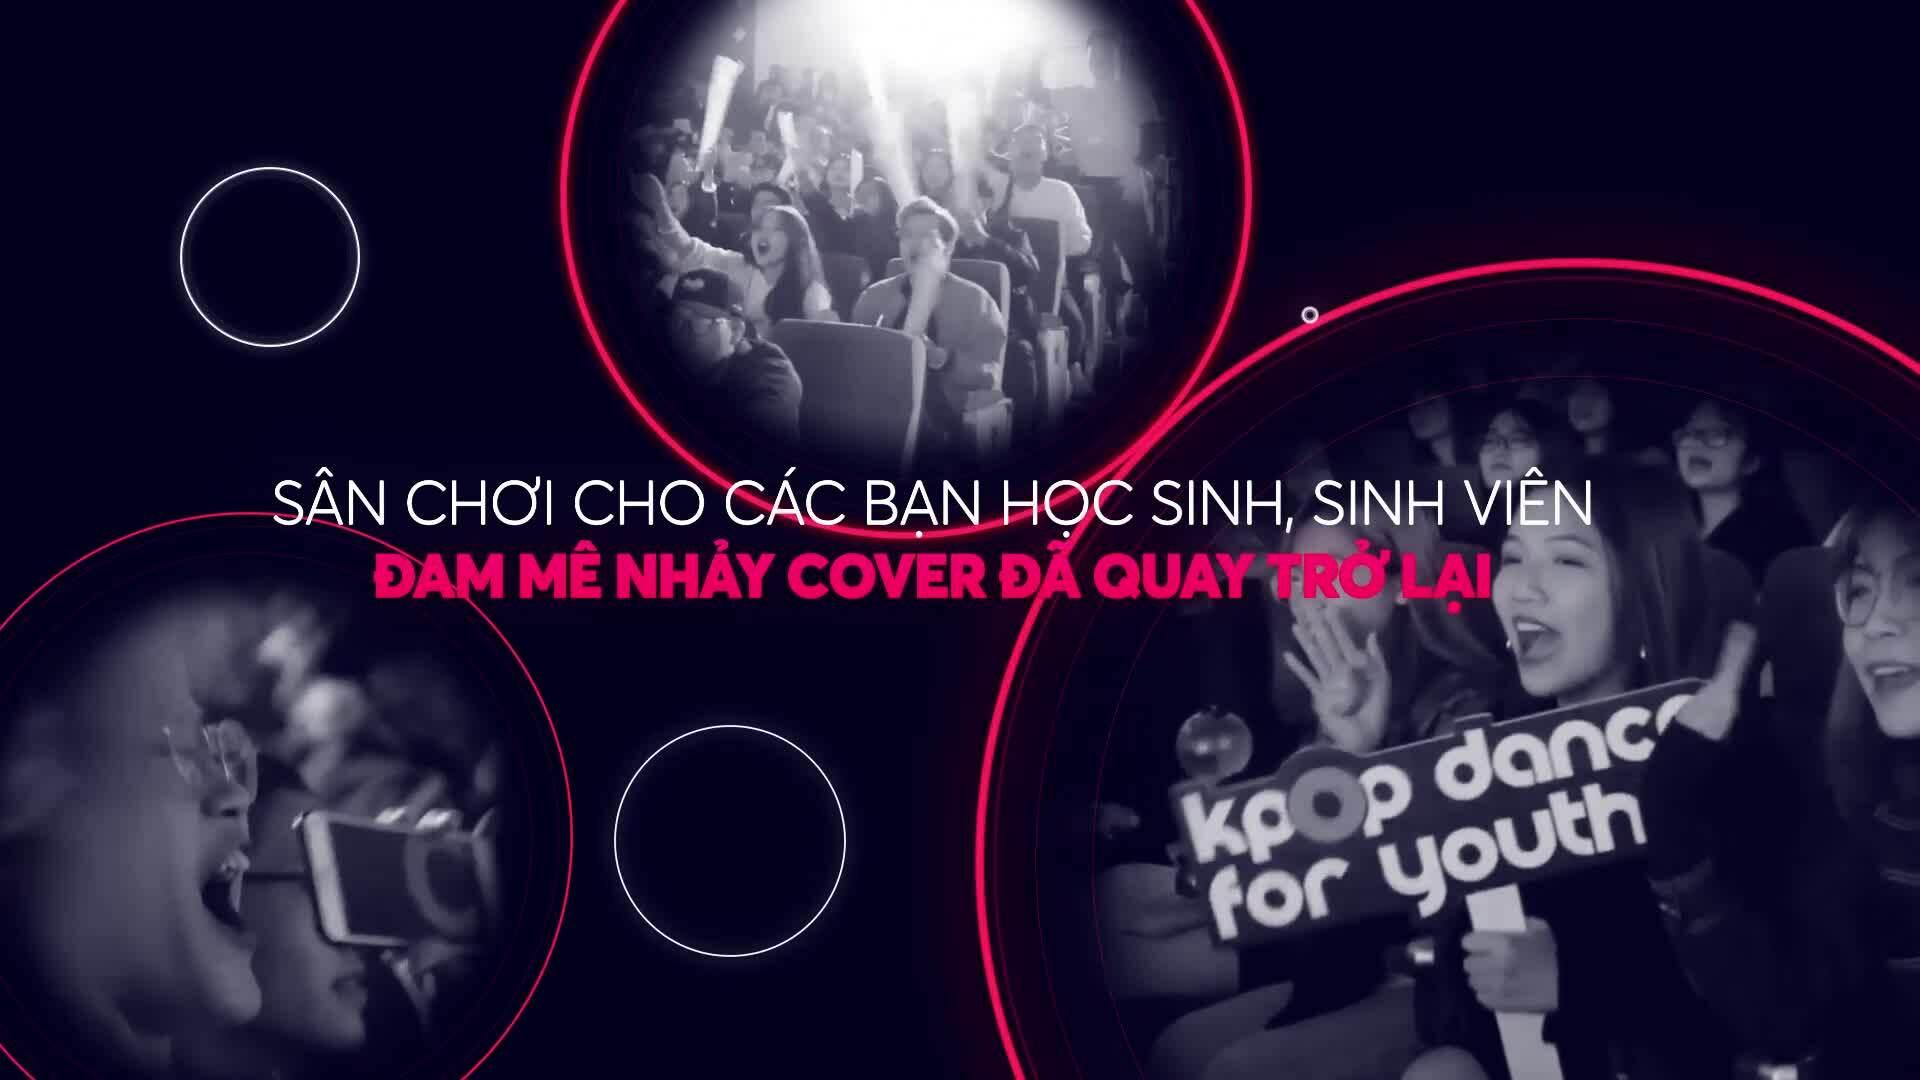 Dance For Youth trở lại với quy mô toàn quốc